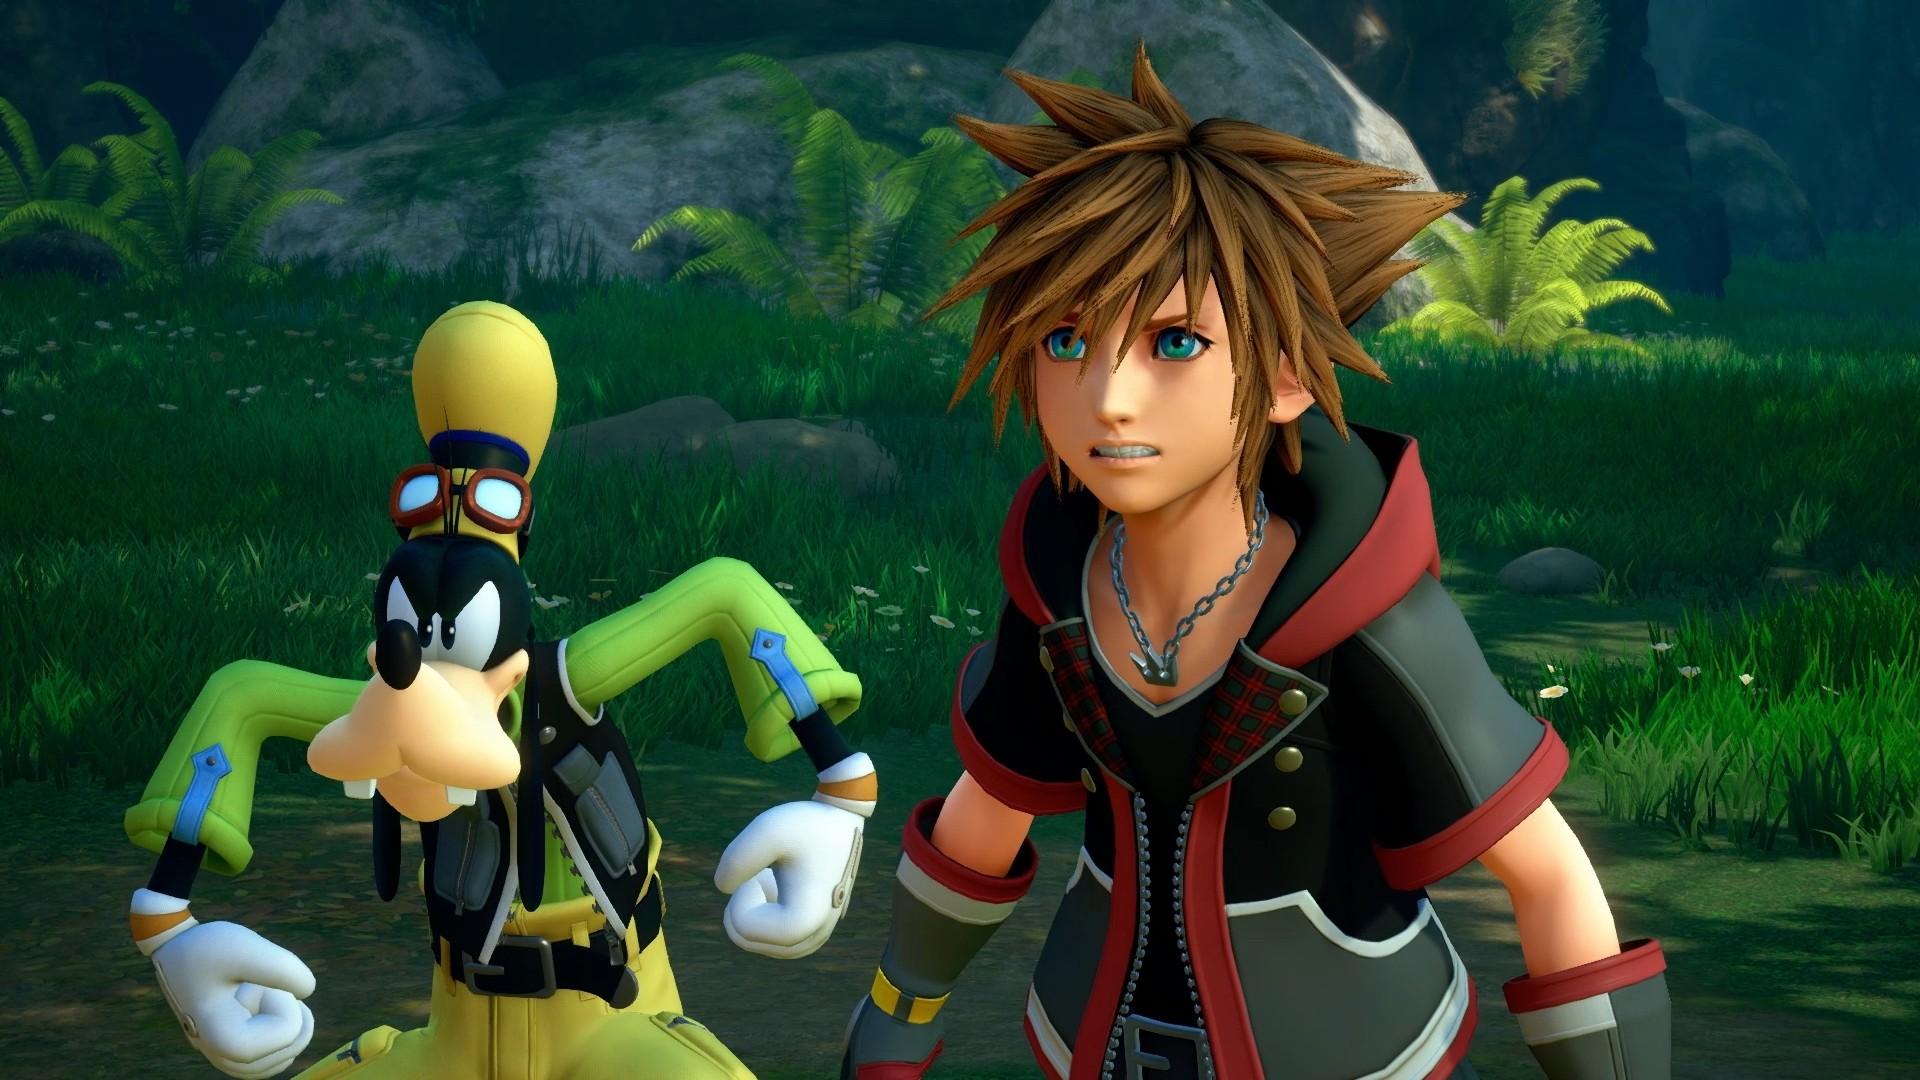 Инсайдеры: Square Enix работает над мультсериалом по Kingdom Hearts для Disney+